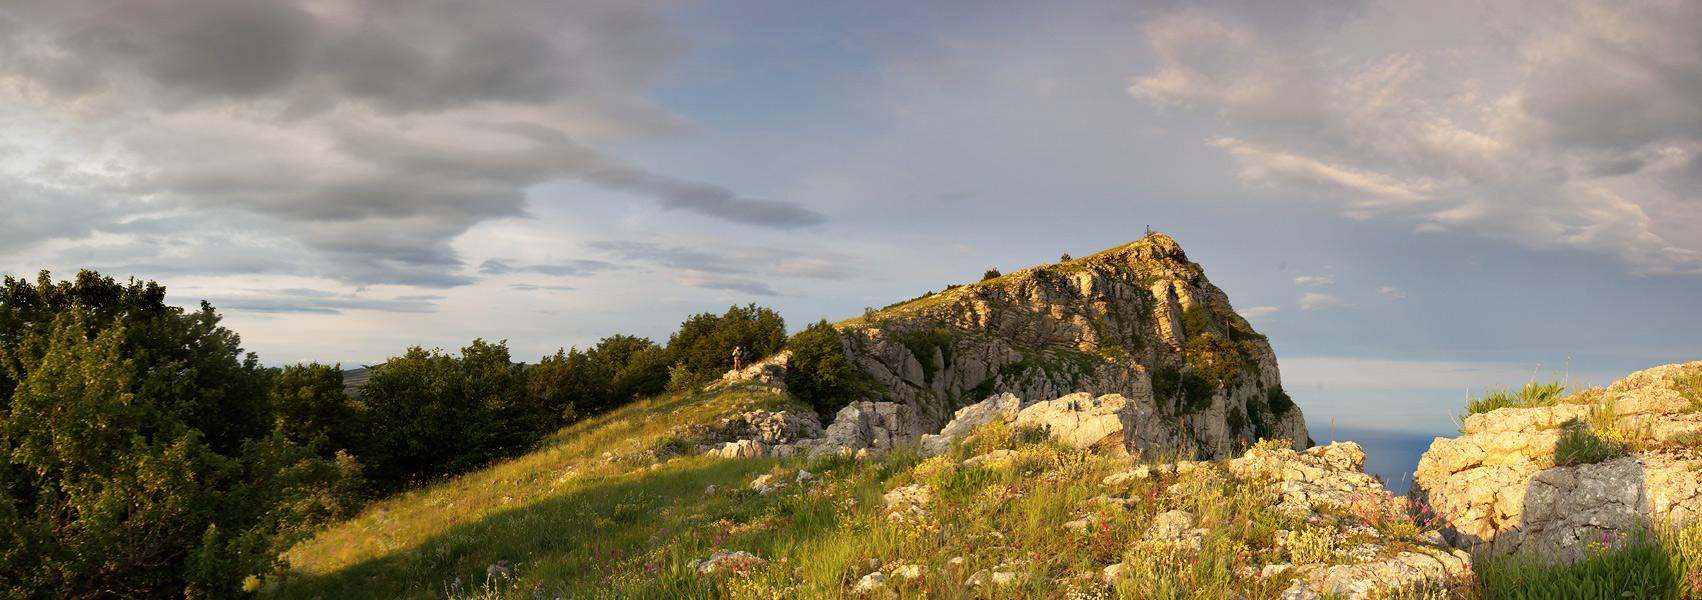 Захід сонця на вершині гори Ат-Баш - 1196 м над р.м.